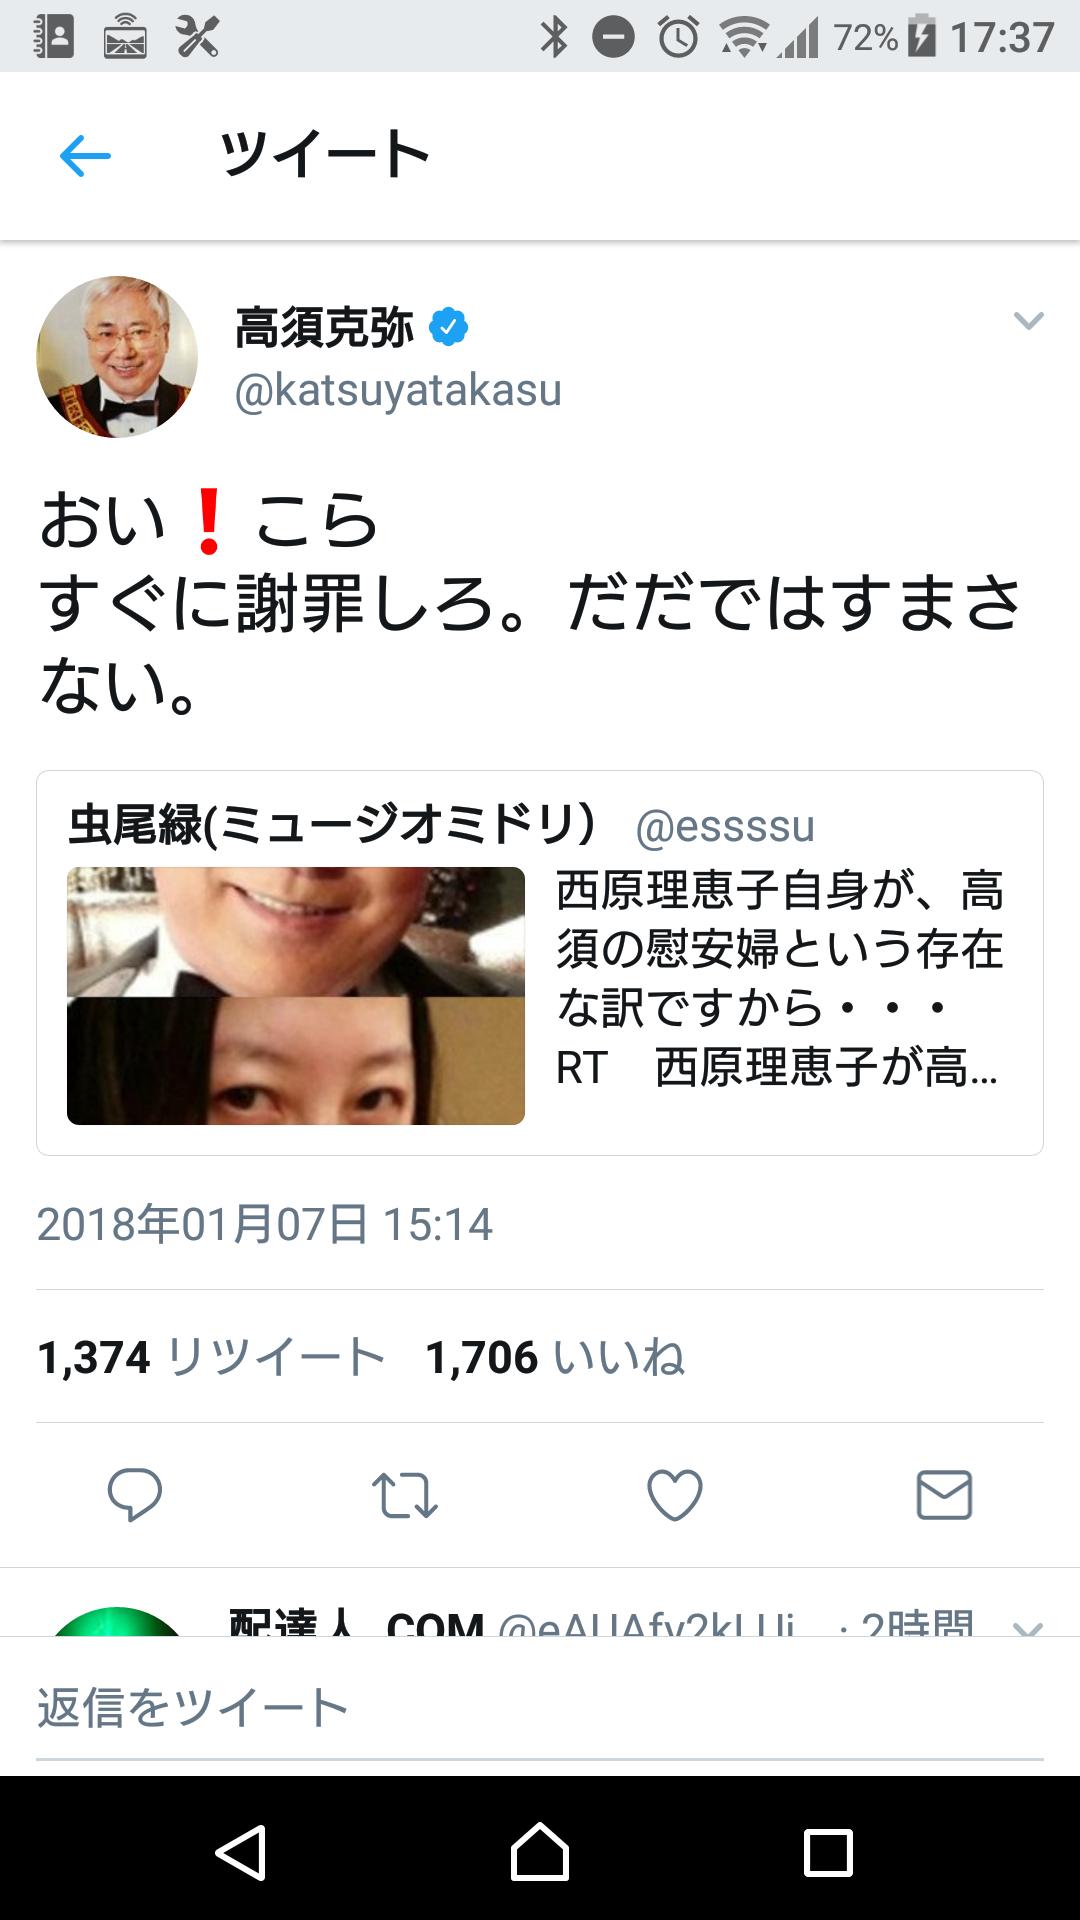 【悲報】高須克弥院長、Twitter民の煽りにブチキレて提訴へwwwwwwwwwwwwのサムネイル画像